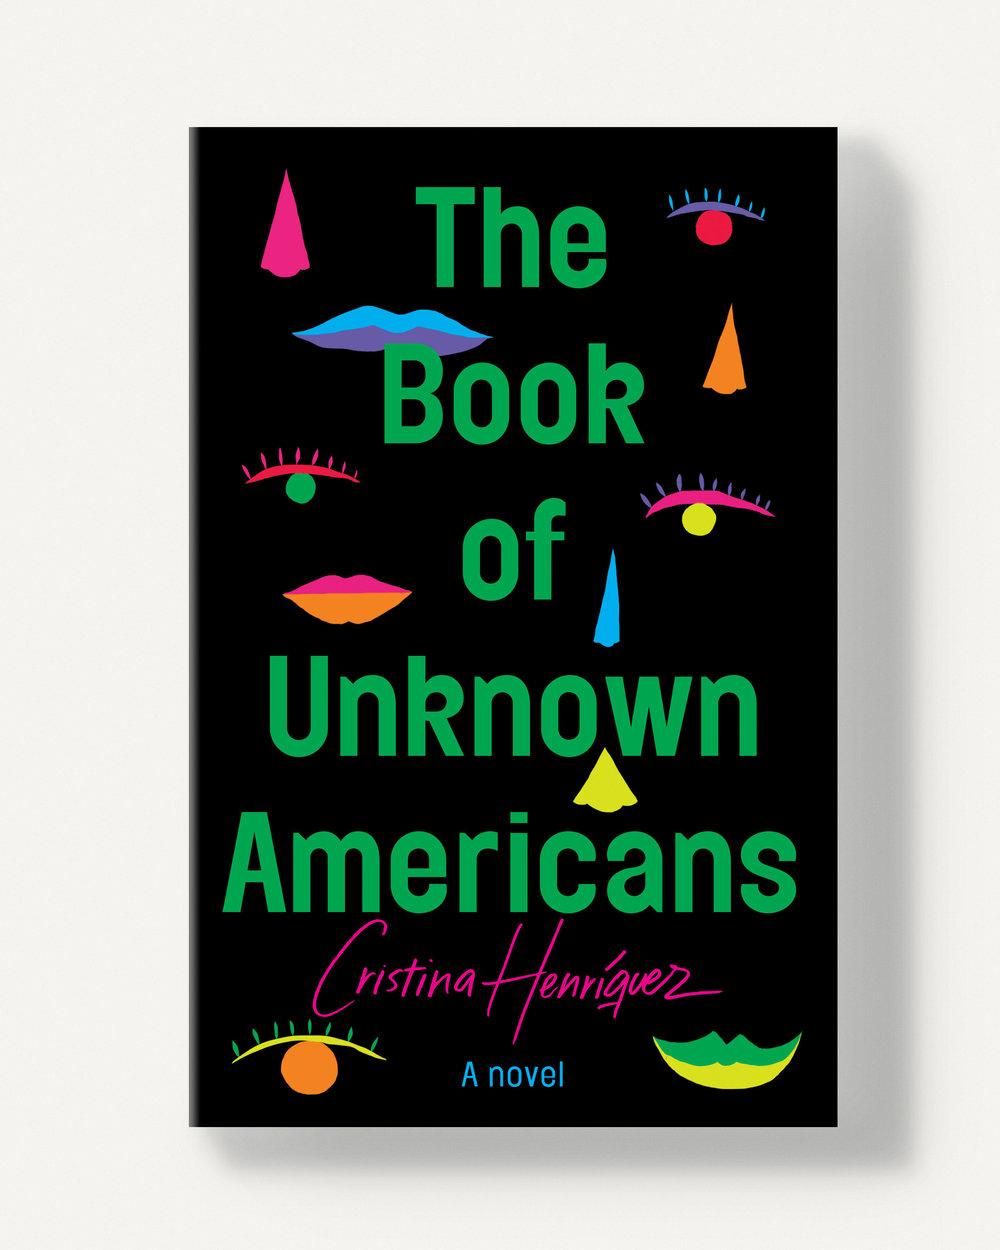 TheBookofUnknownAmericans07.jpg